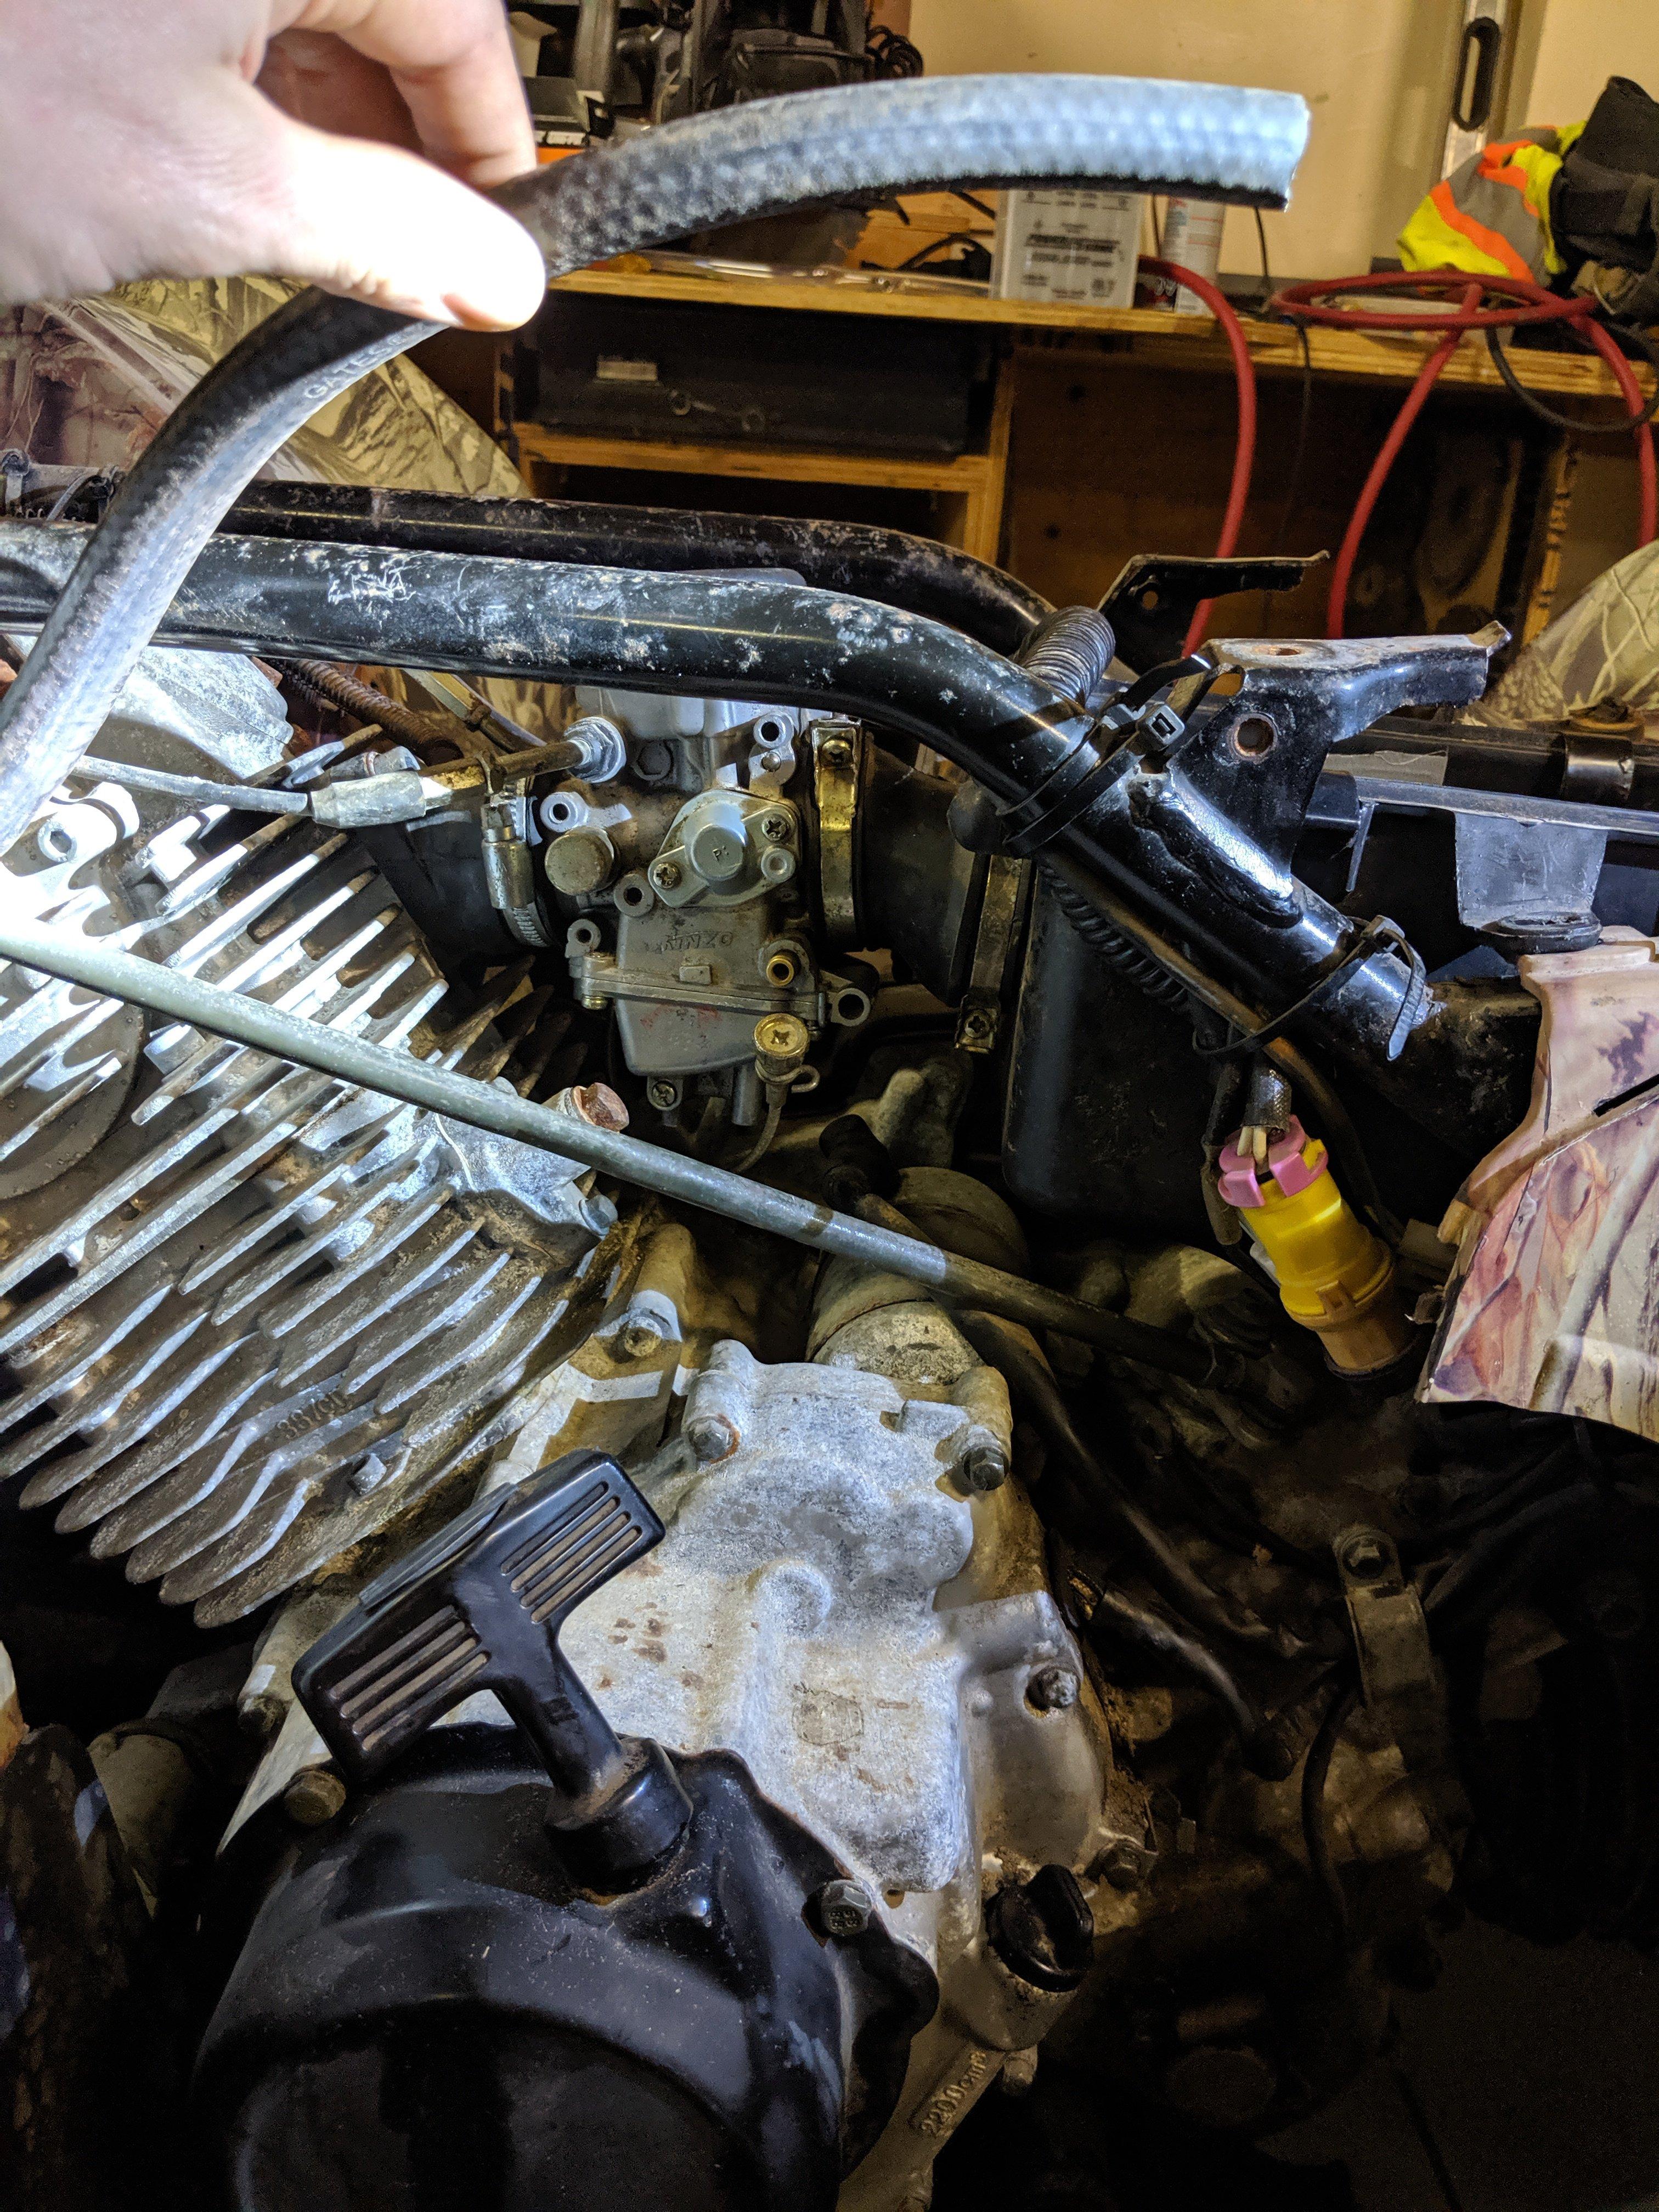 2007 baja 250 quad wiring diagram 2007 baja wilderness 4x4 400cc other atv brands forum quadcrazy  2007 baja wilderness 4x4 400cc other